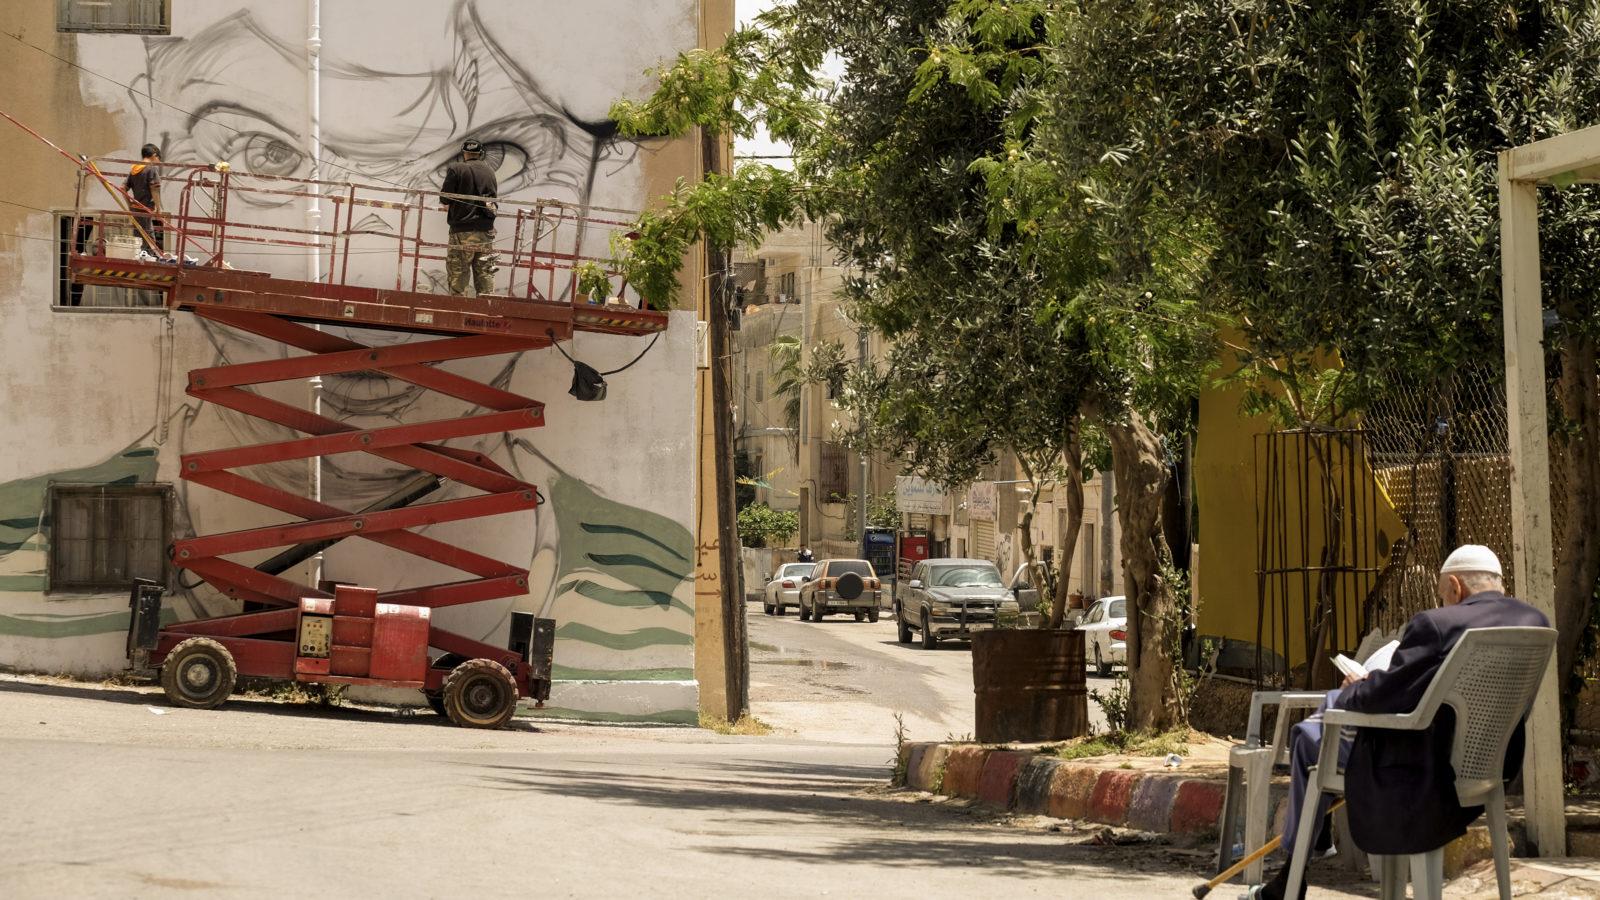 1805_Hombre_SWK_Baladk_Amman-5365